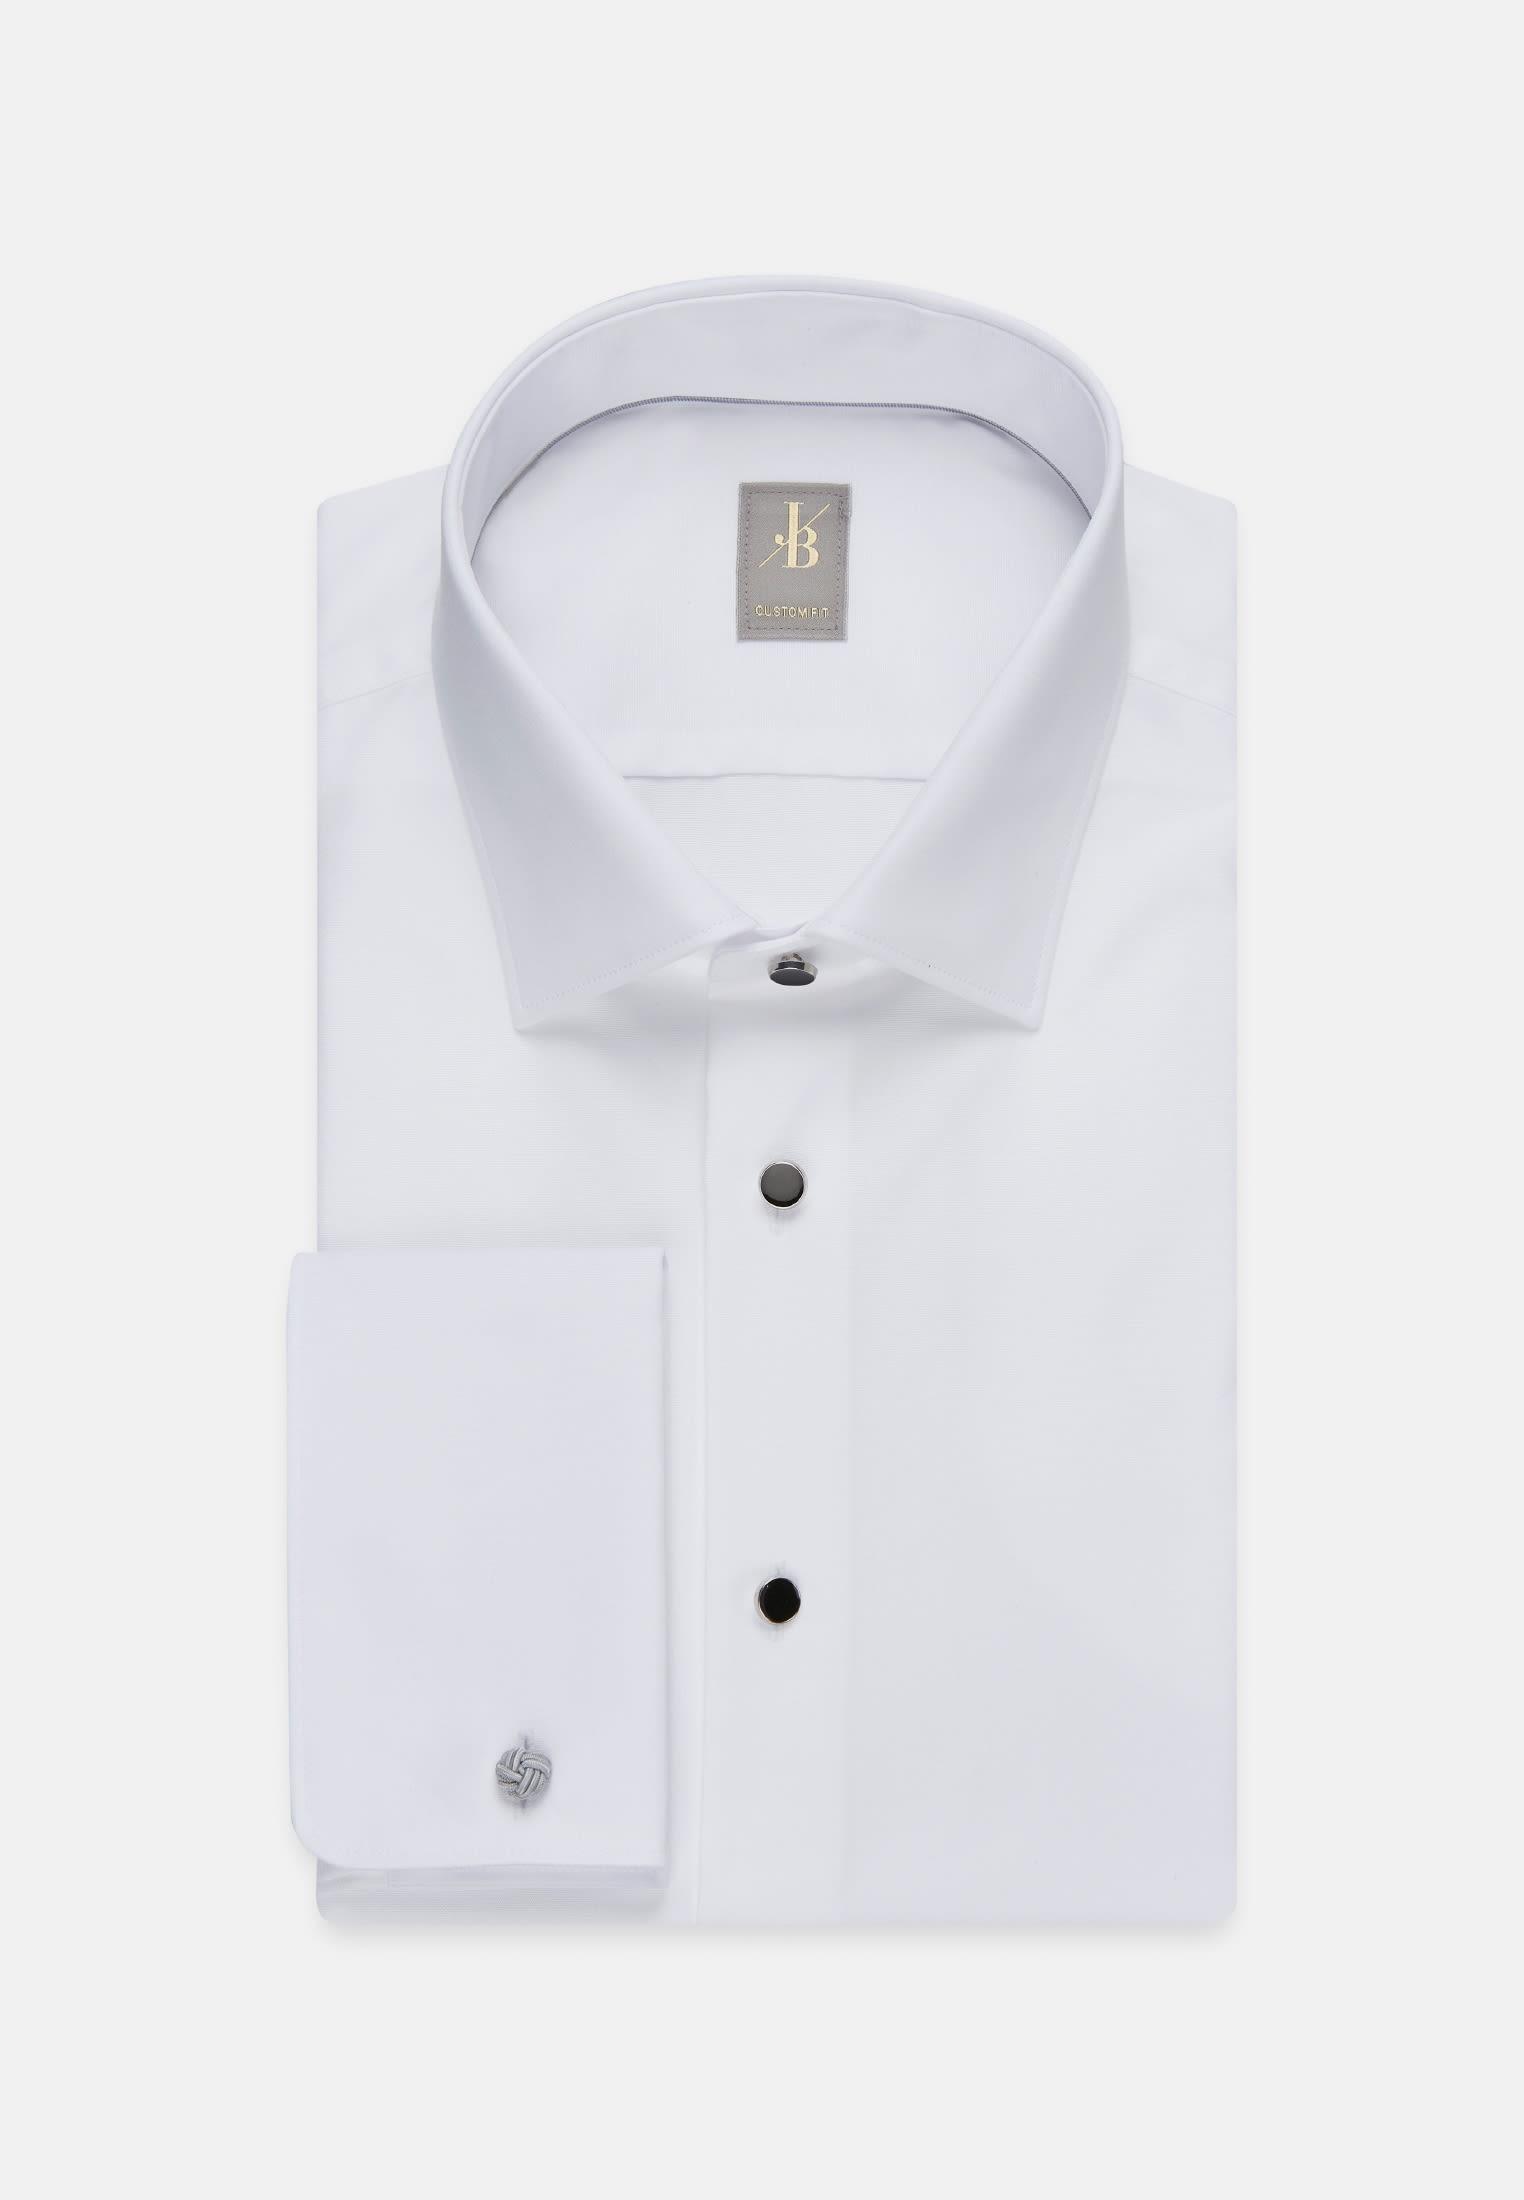 Popeline Smokinghemd in Custom Fit mit Kentkragen in Weiß    Jacques Britt Onlineshop